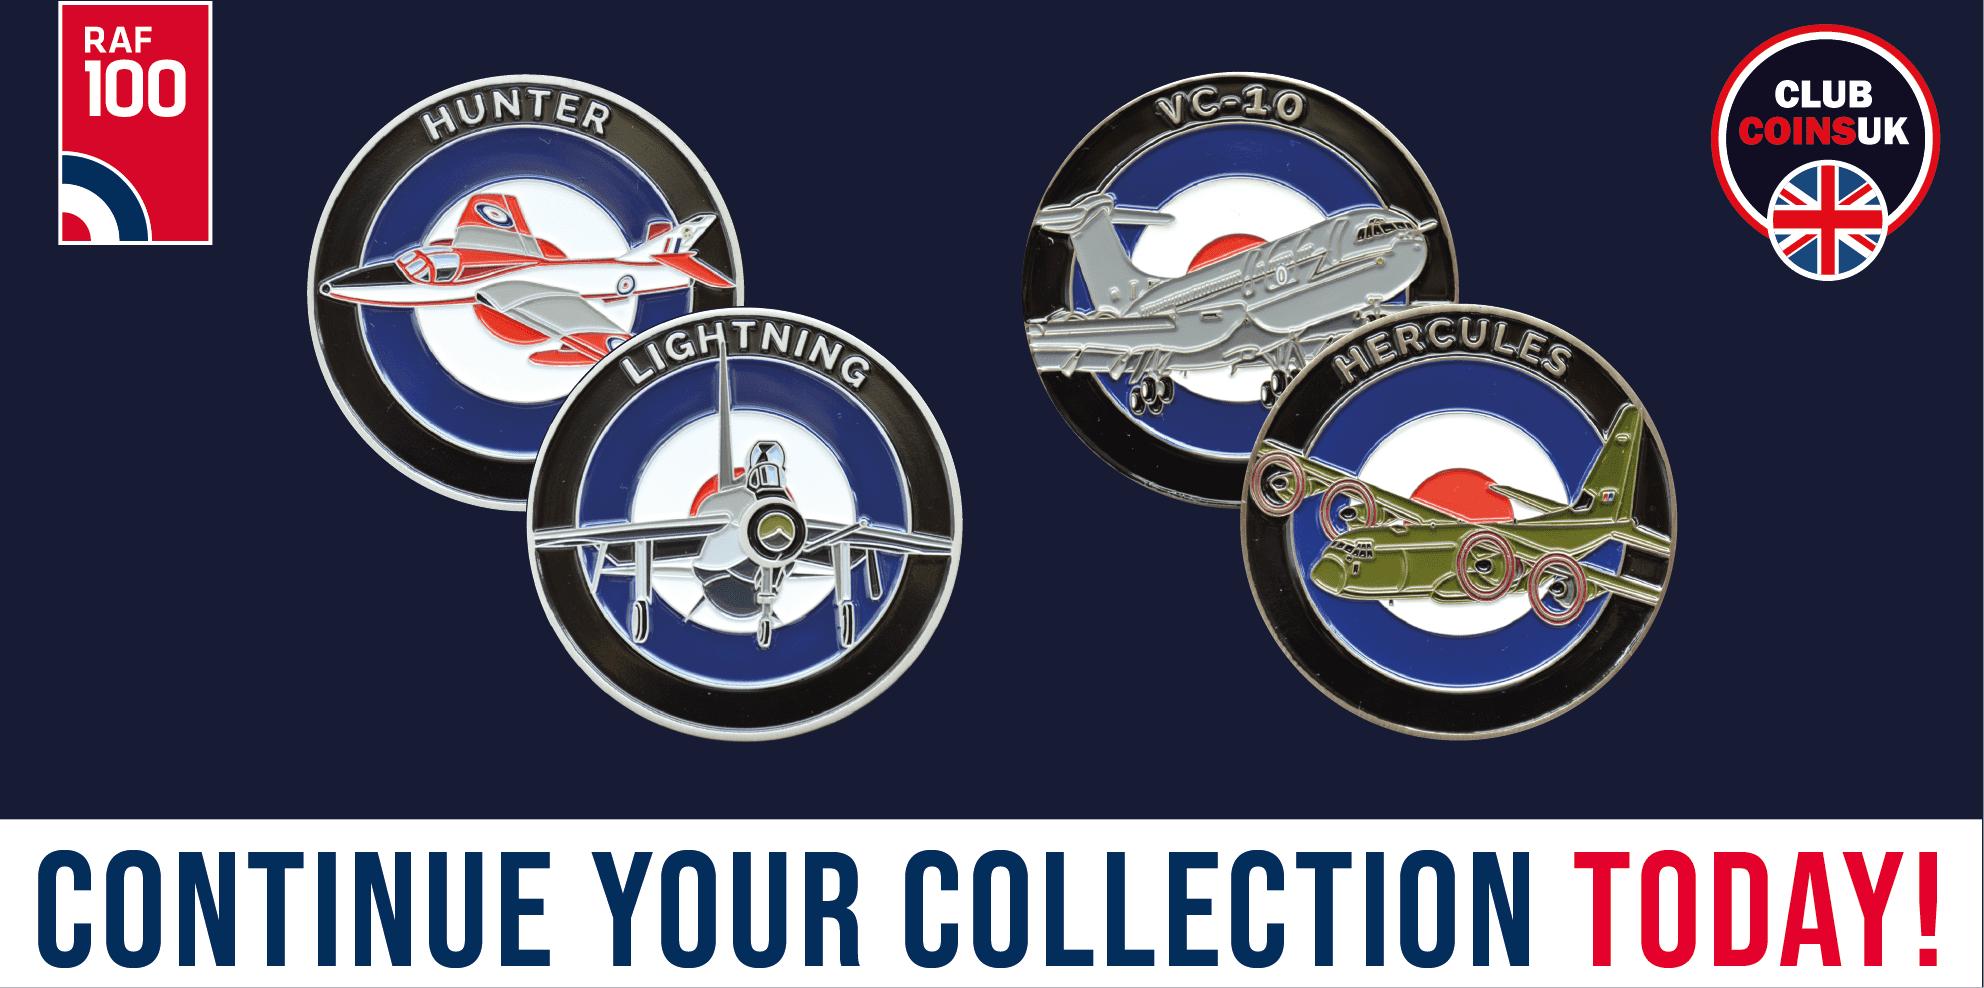 RAF100 Series- Club Coins UK - C130 Hercules - VC10 - Lightning - Hunter